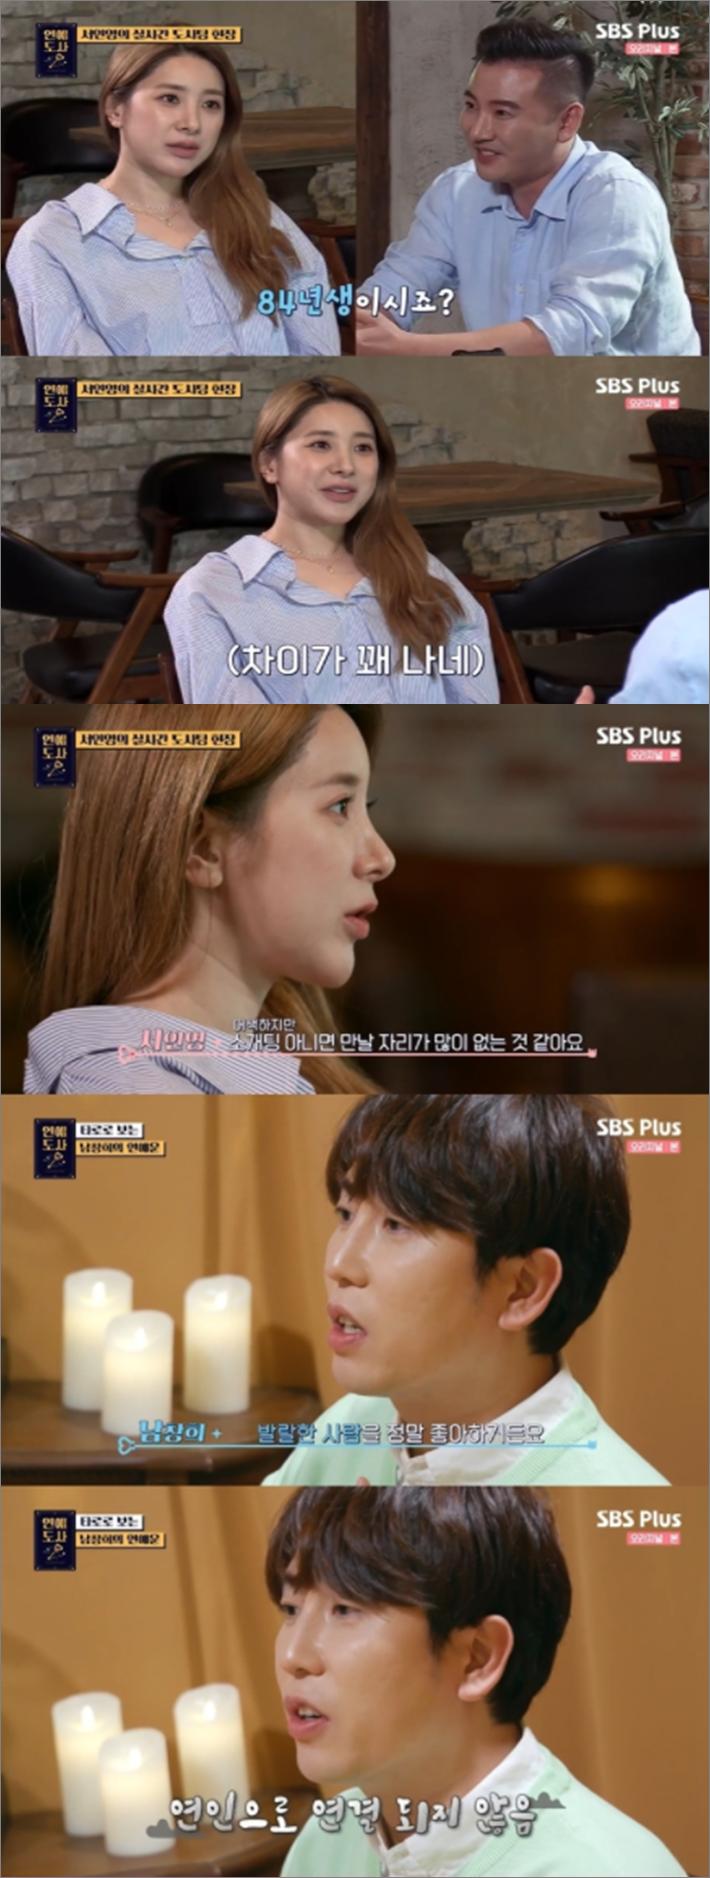 22일 방송된 SBS플러스, 채널S '연애도사'에 서인영과 남창희가 출연했다. 사진=SBS플러스, 채널S '연애도사' 방송 캡처.